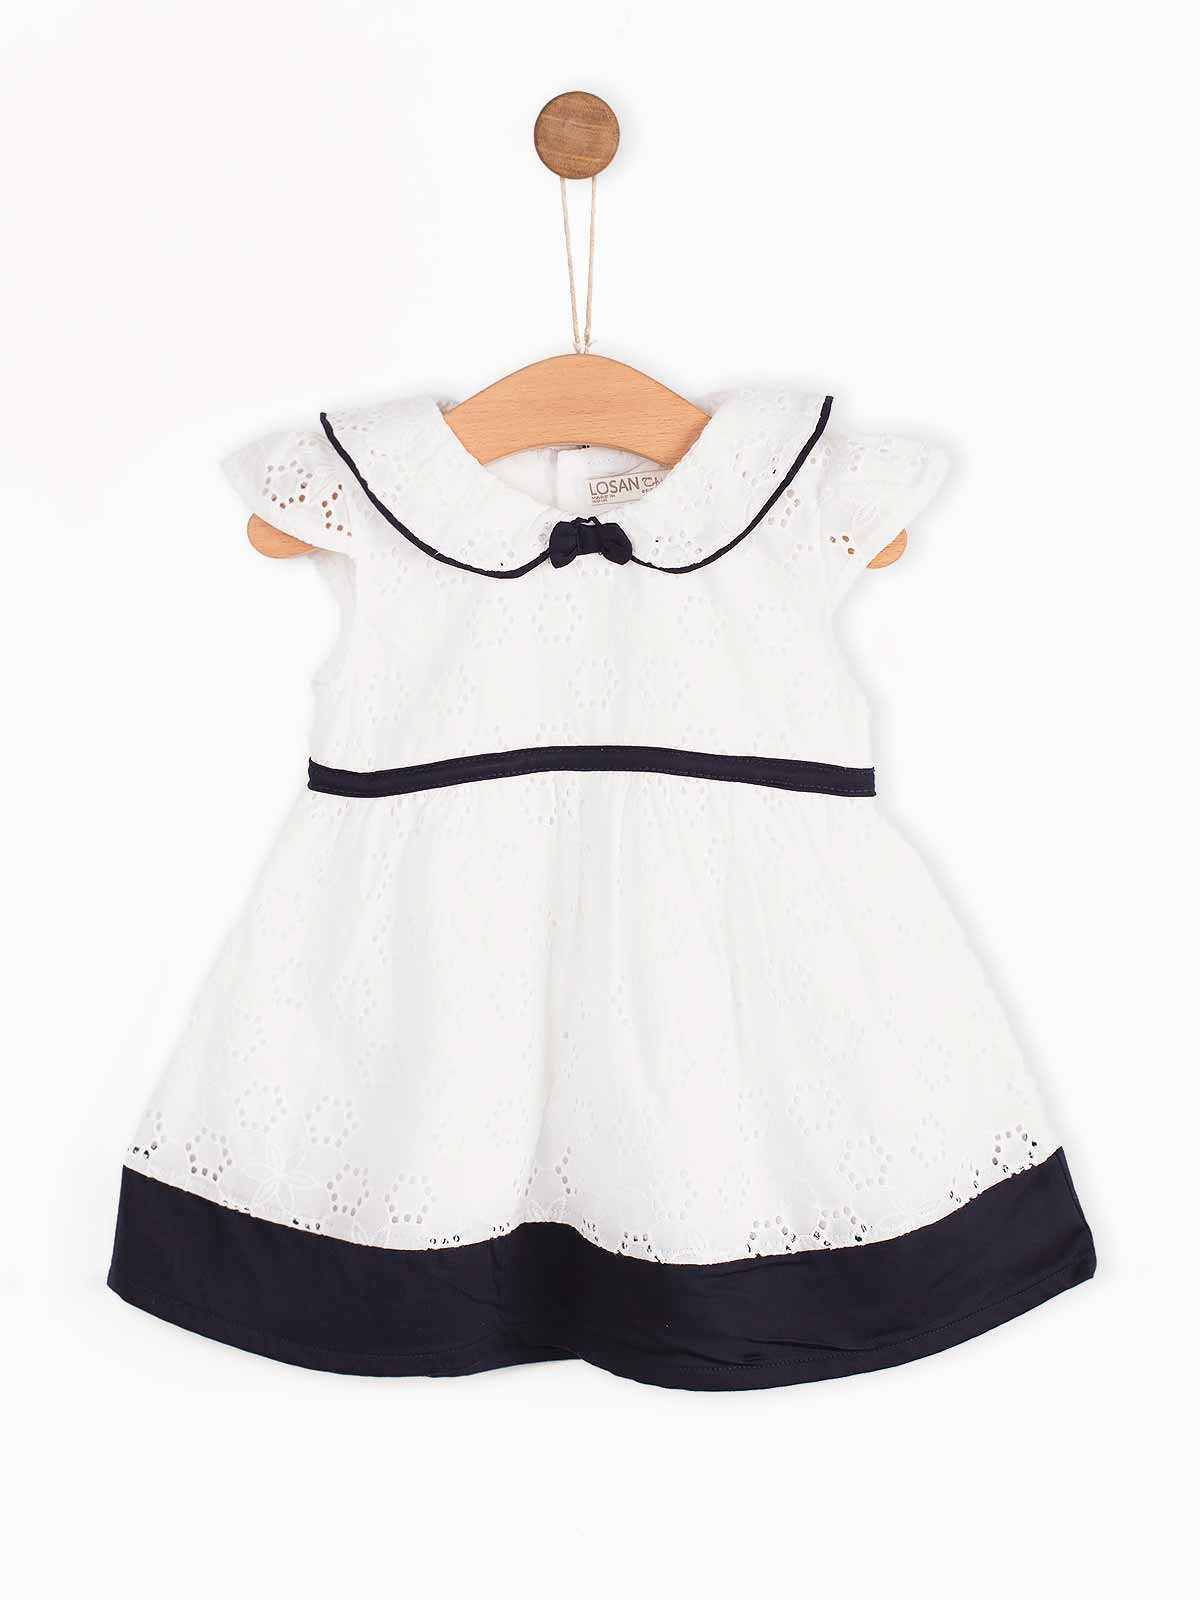 Conjunto vestido branco bordado inglês